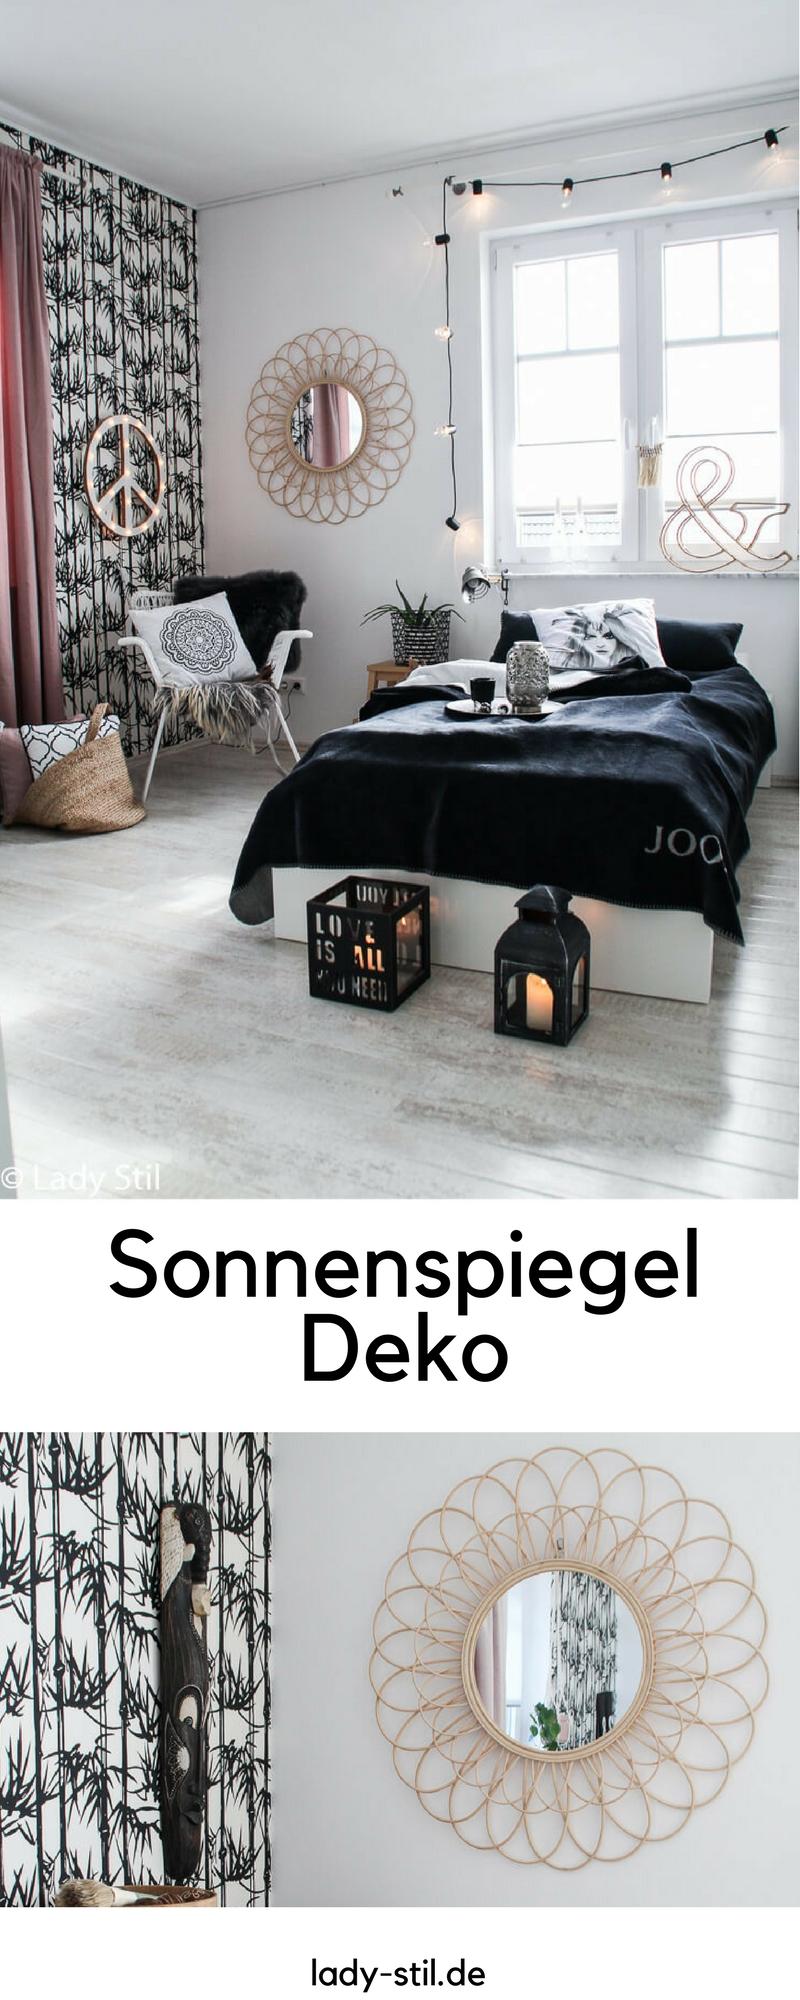 Sonnenspiegel Deko Interior